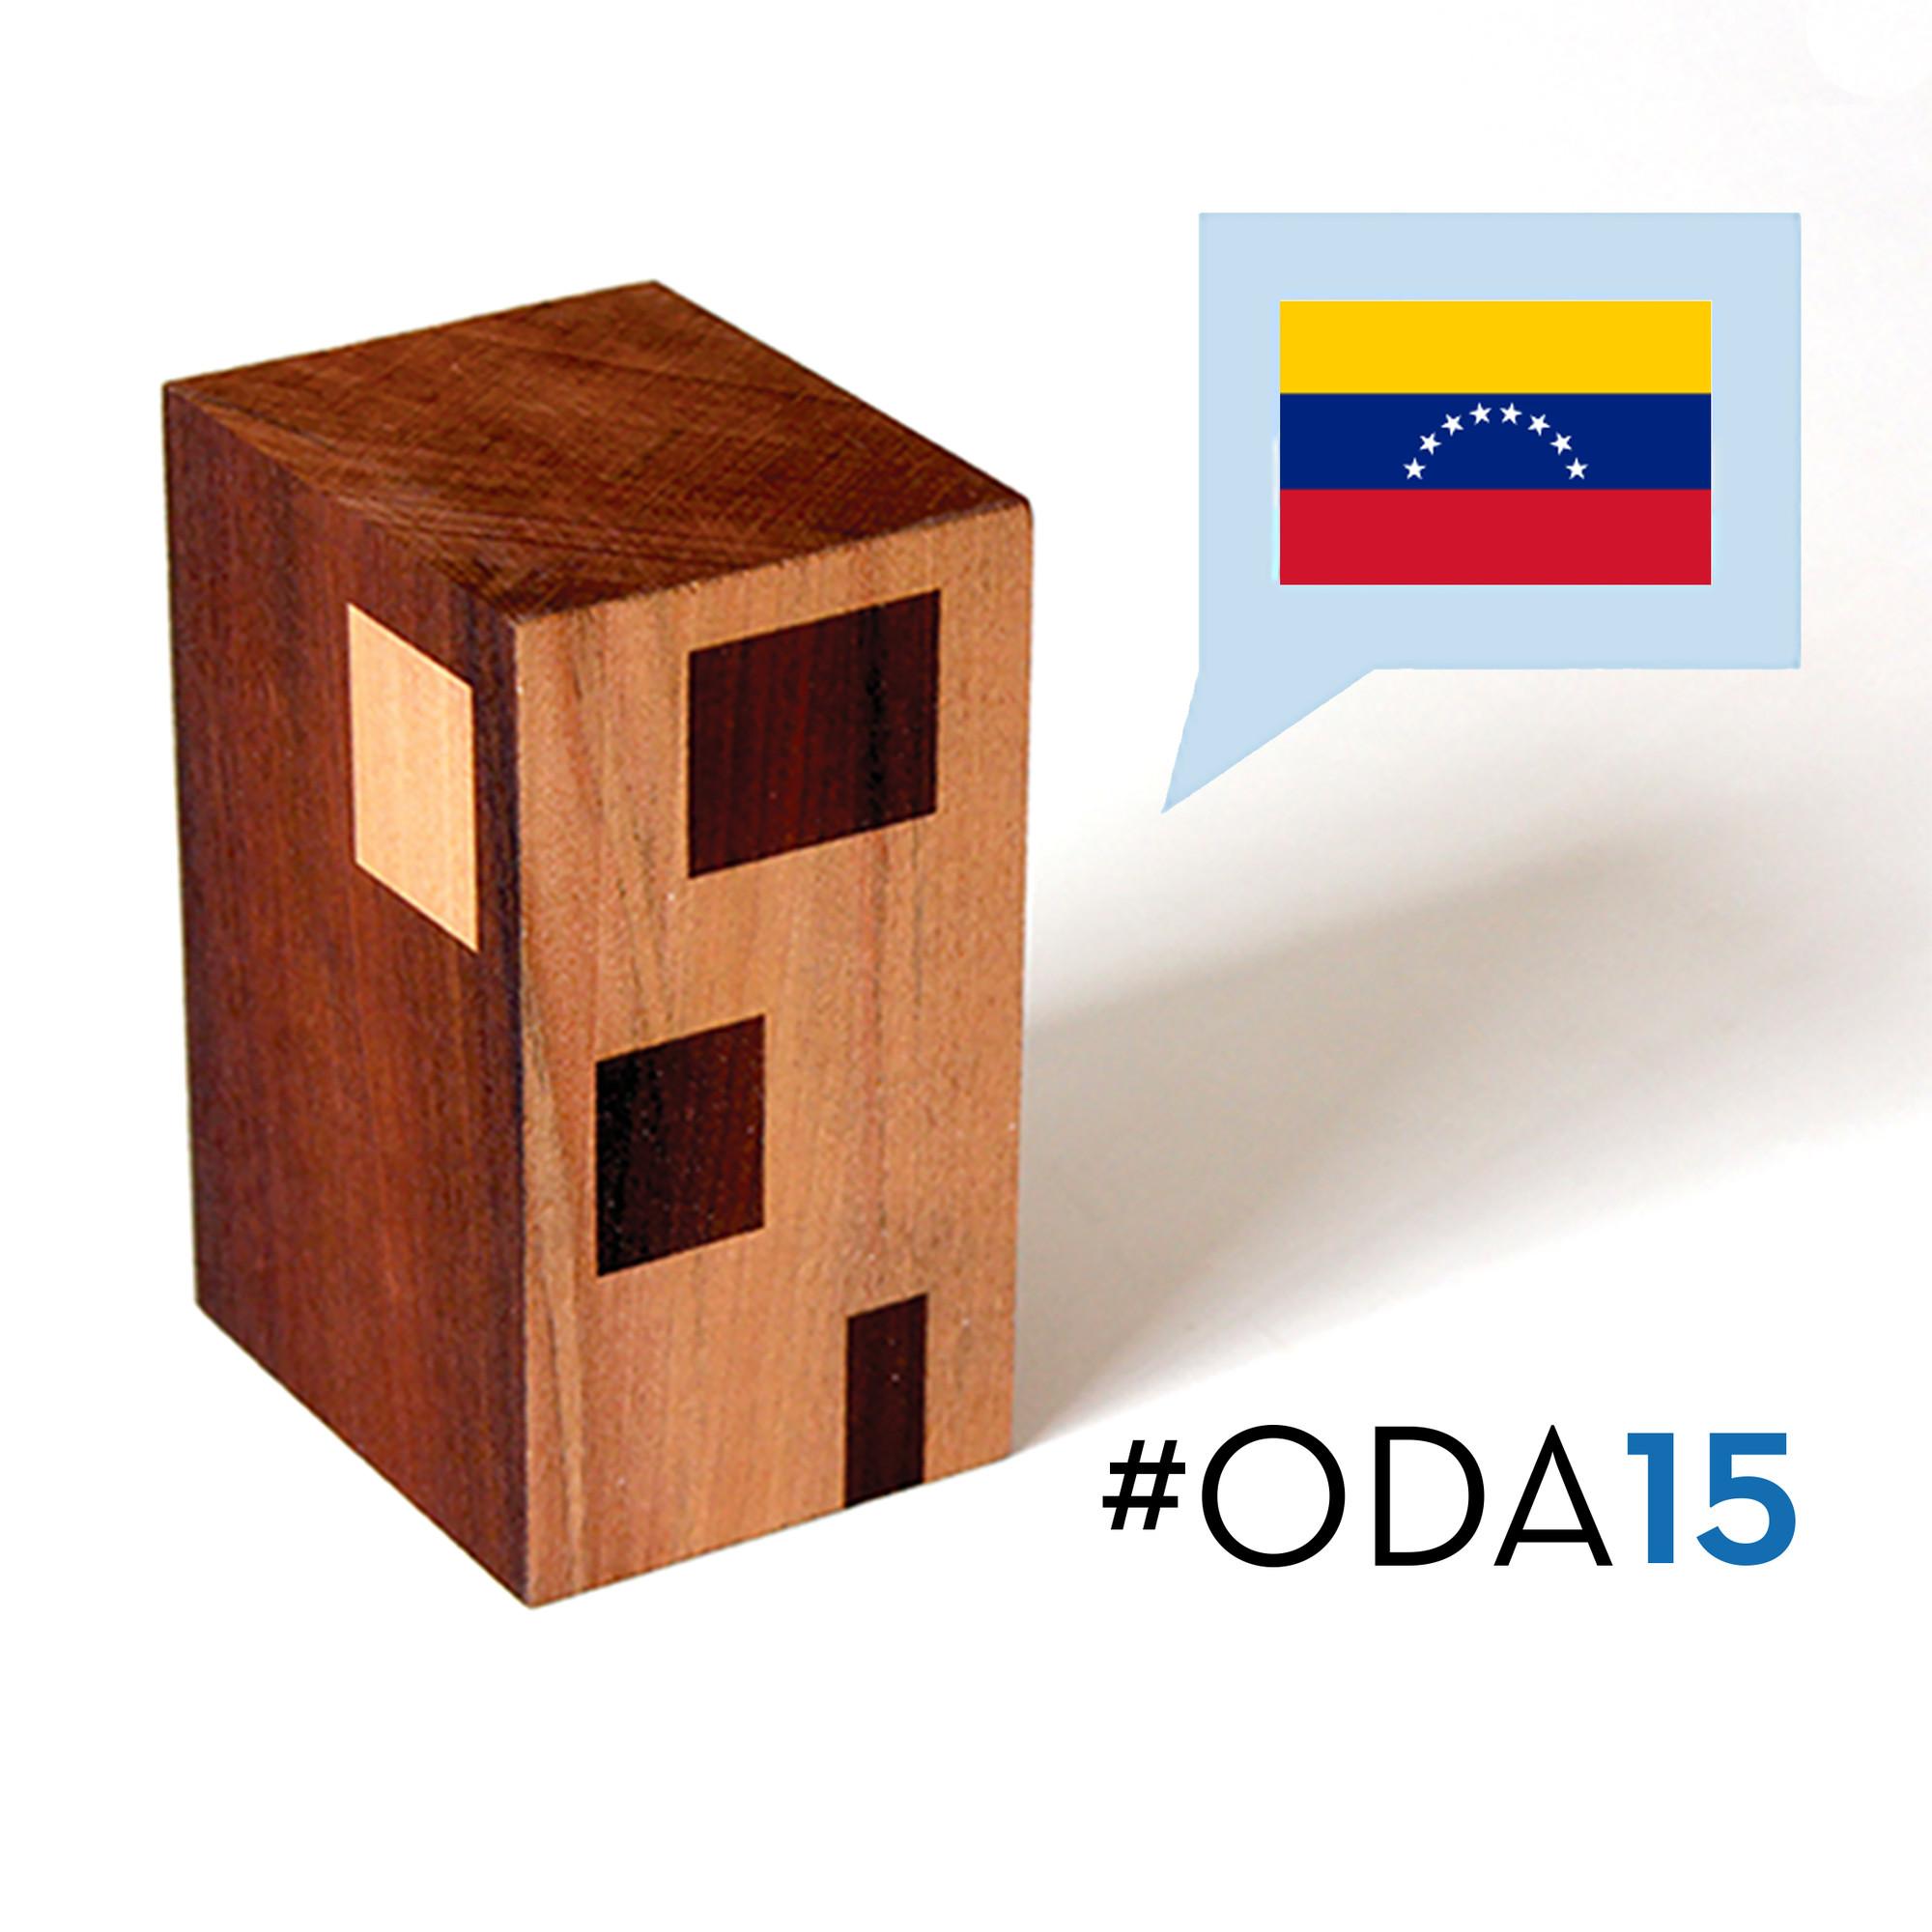 Conoce las obras venezolanas que están participando en #ODA15